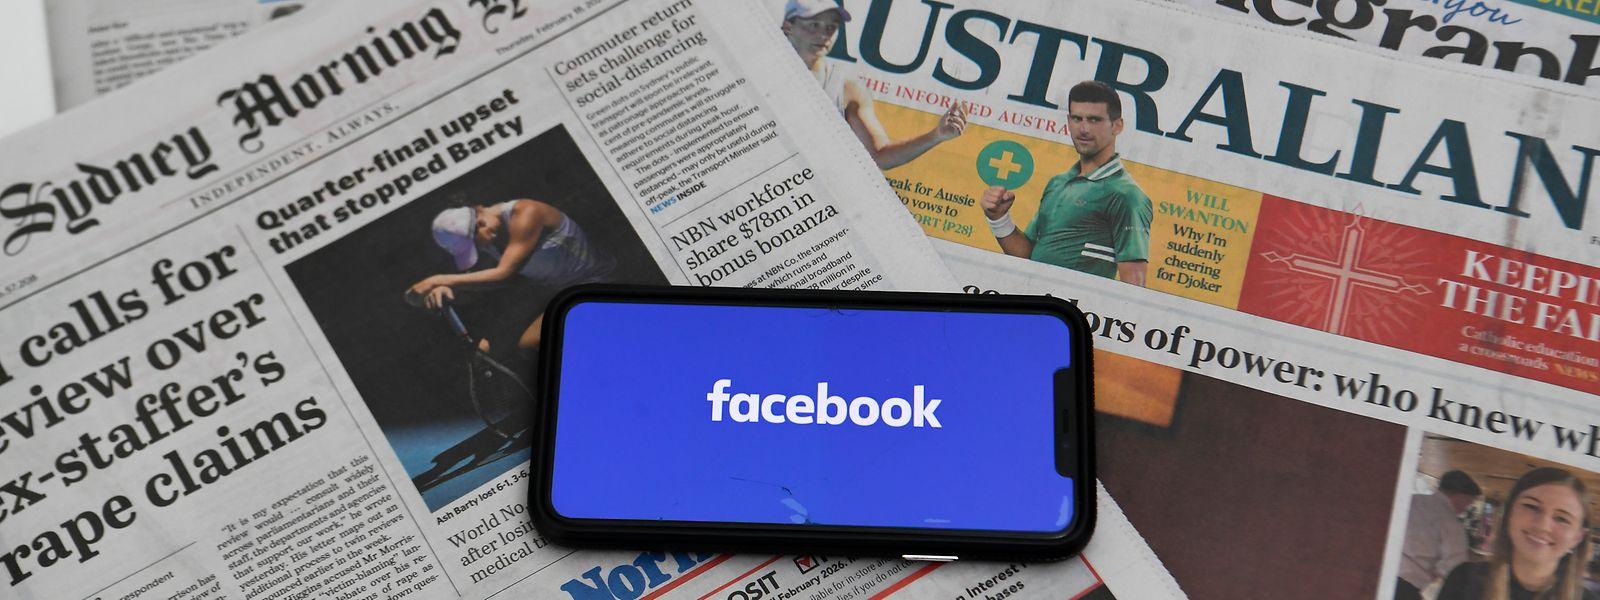 Australische Facebook-Nutzer können keine nationalen oder internationalen journalistischen Inhalte mehr teilen.